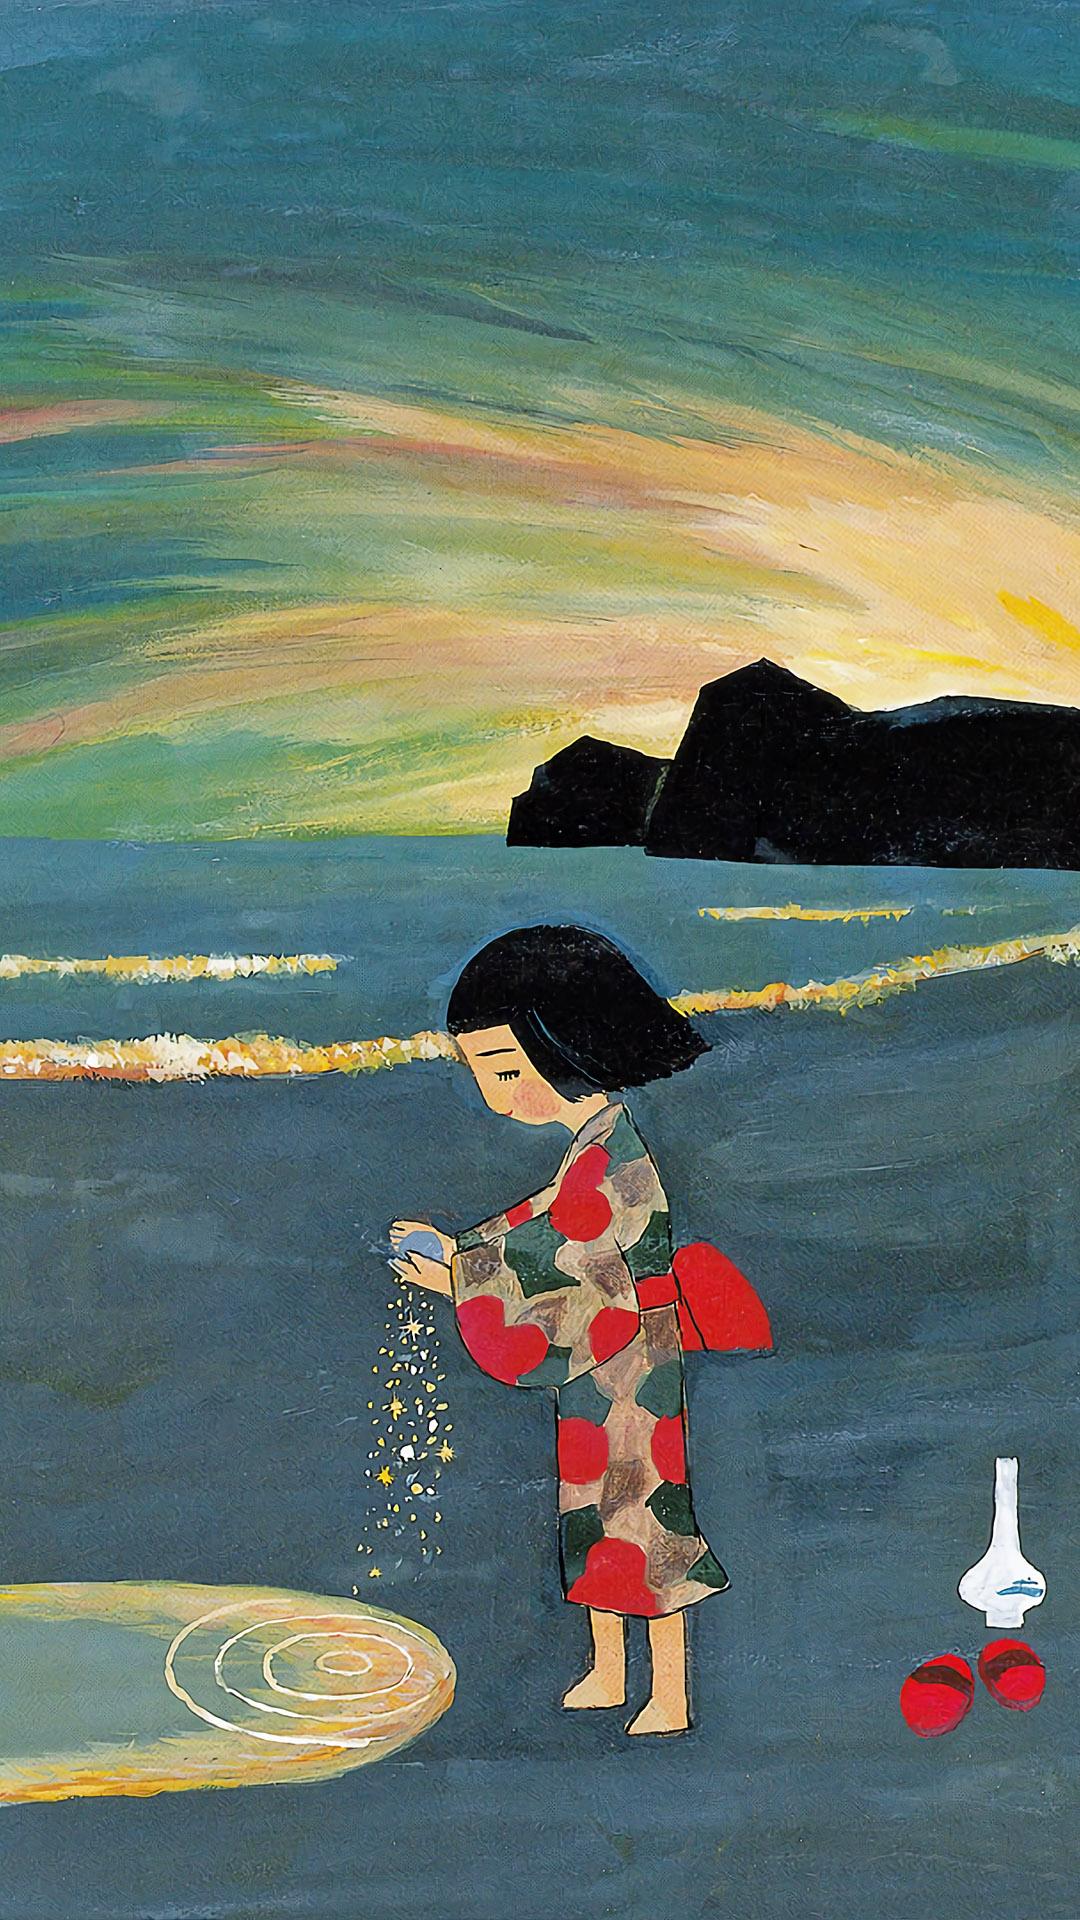 谷内六郎 金の砂 銀の砂 Taniuchi Rokuro- Kin no suna gin no suna 1080x1920